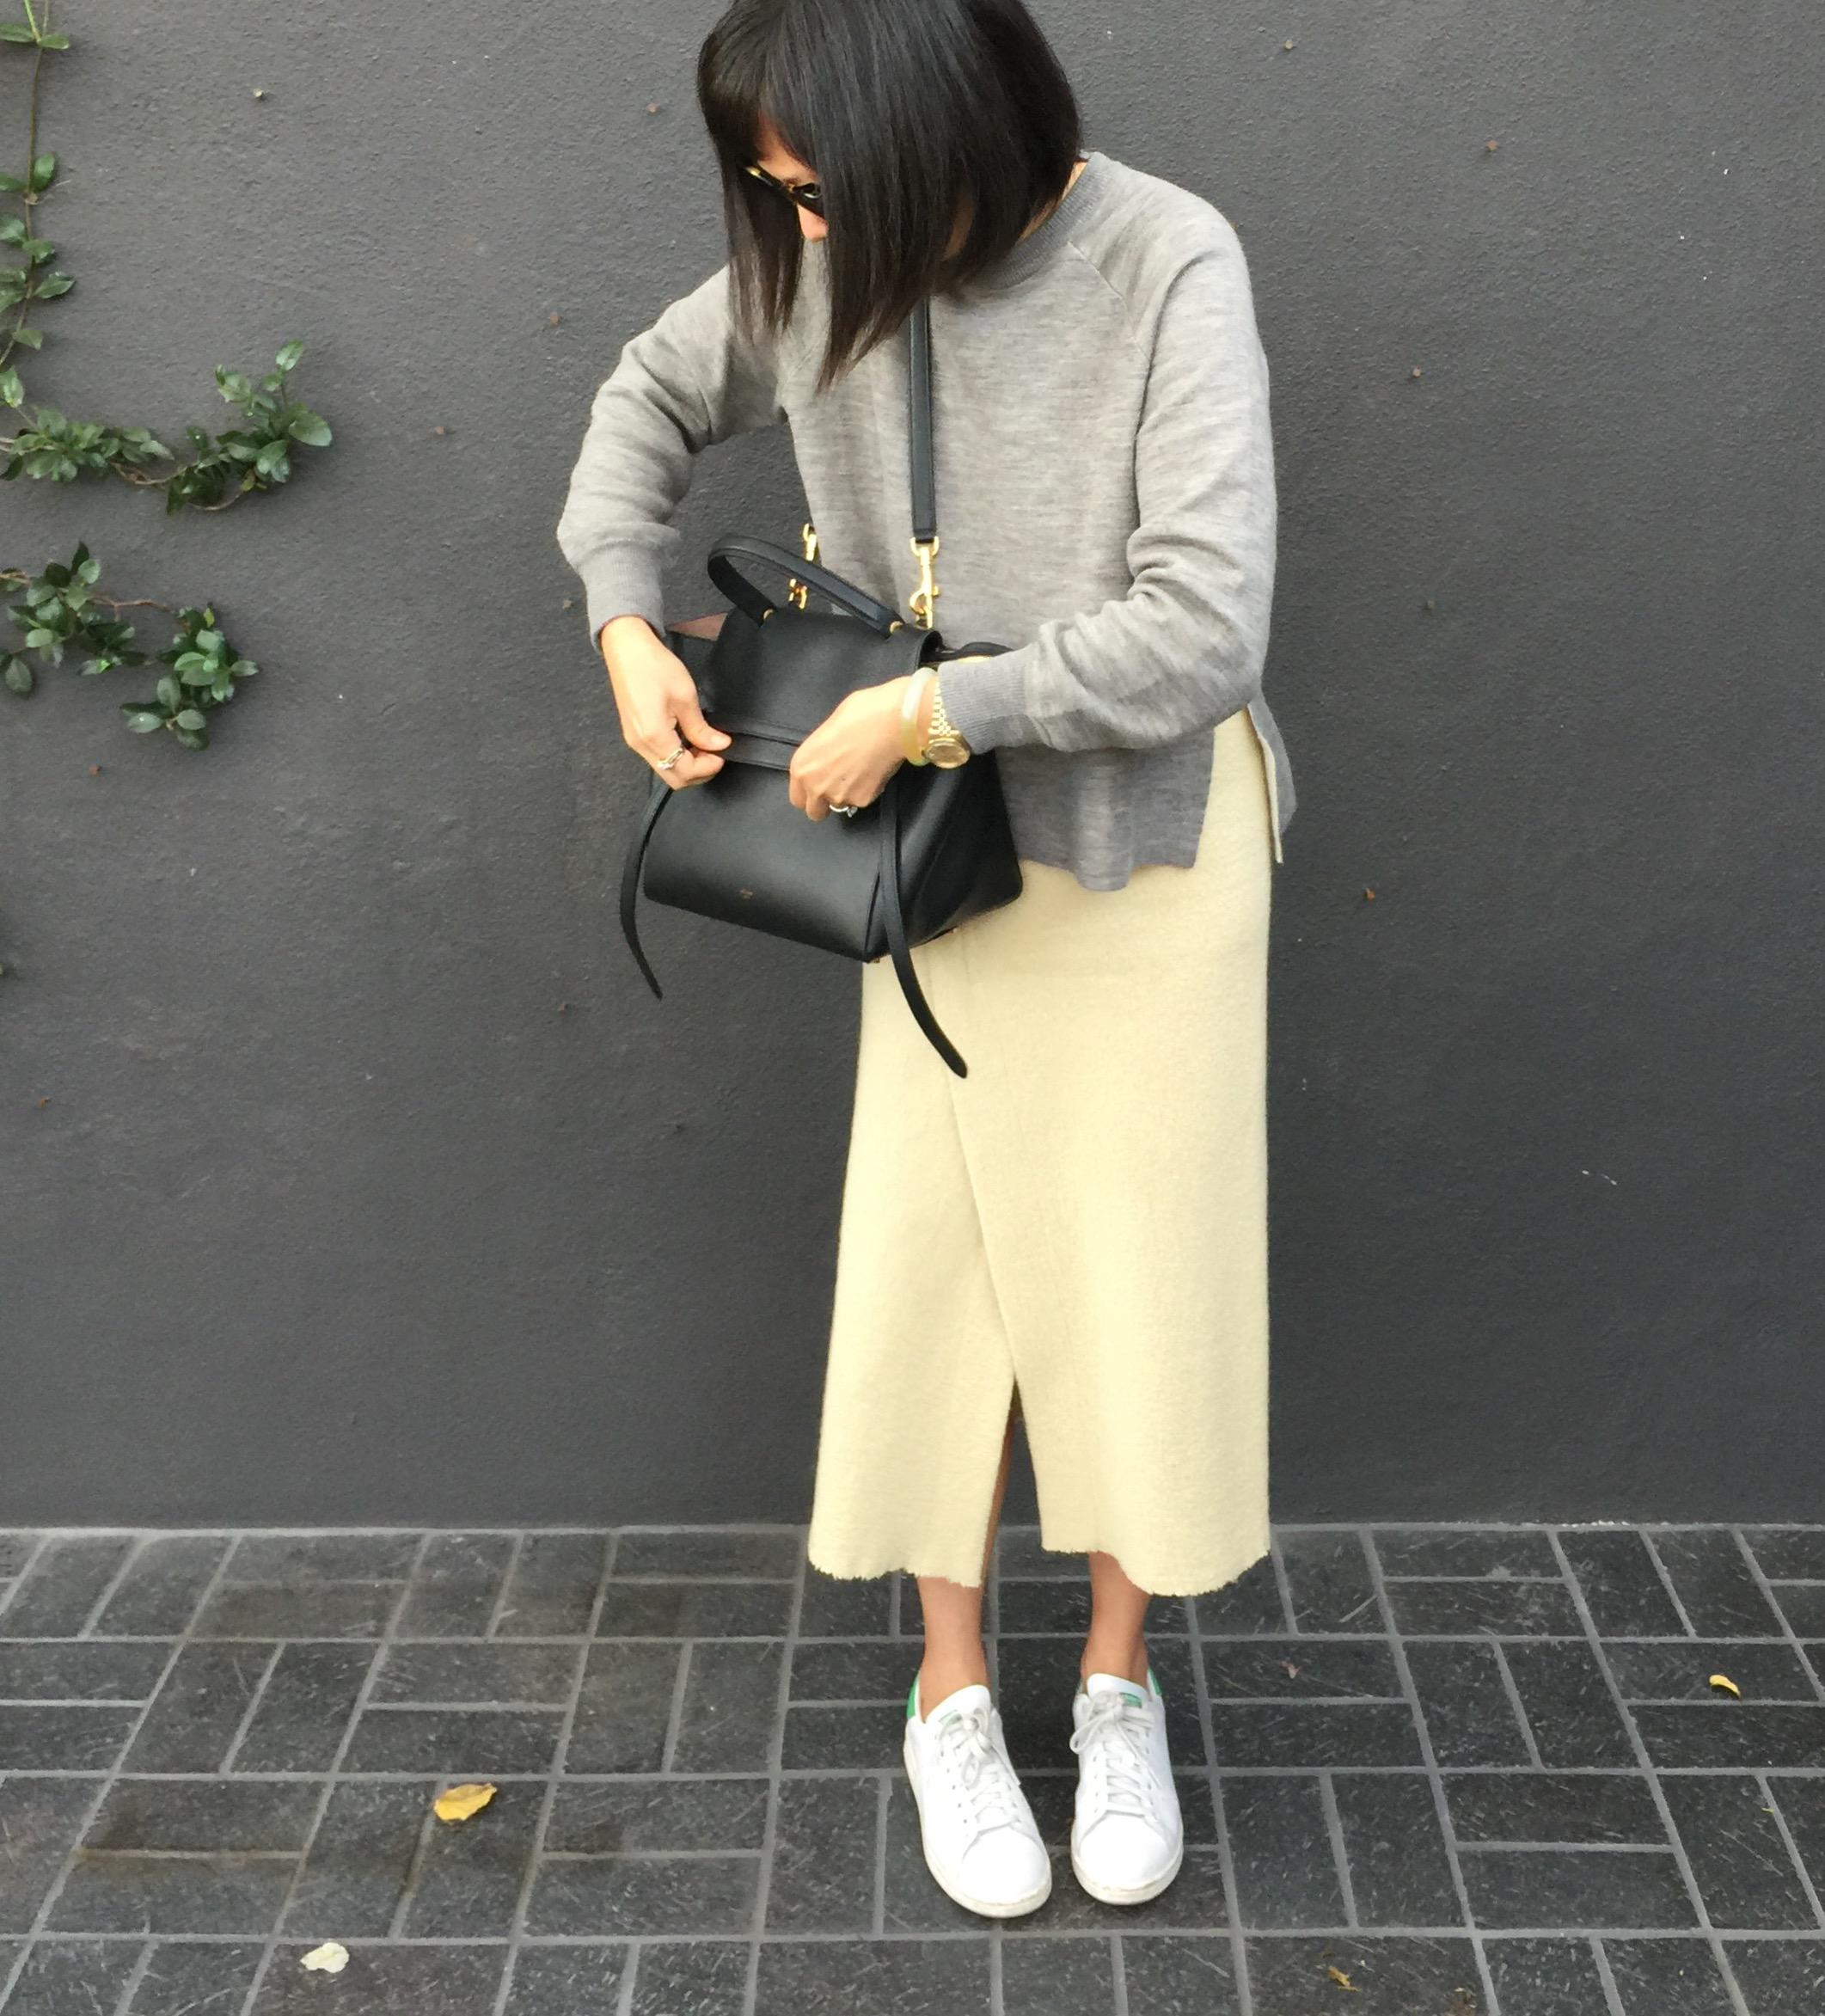 J Crew merino wool side slit sweater Isabel Marant kiara ivory wrap skirt  black Celine belt bag ... 6715d7b869913